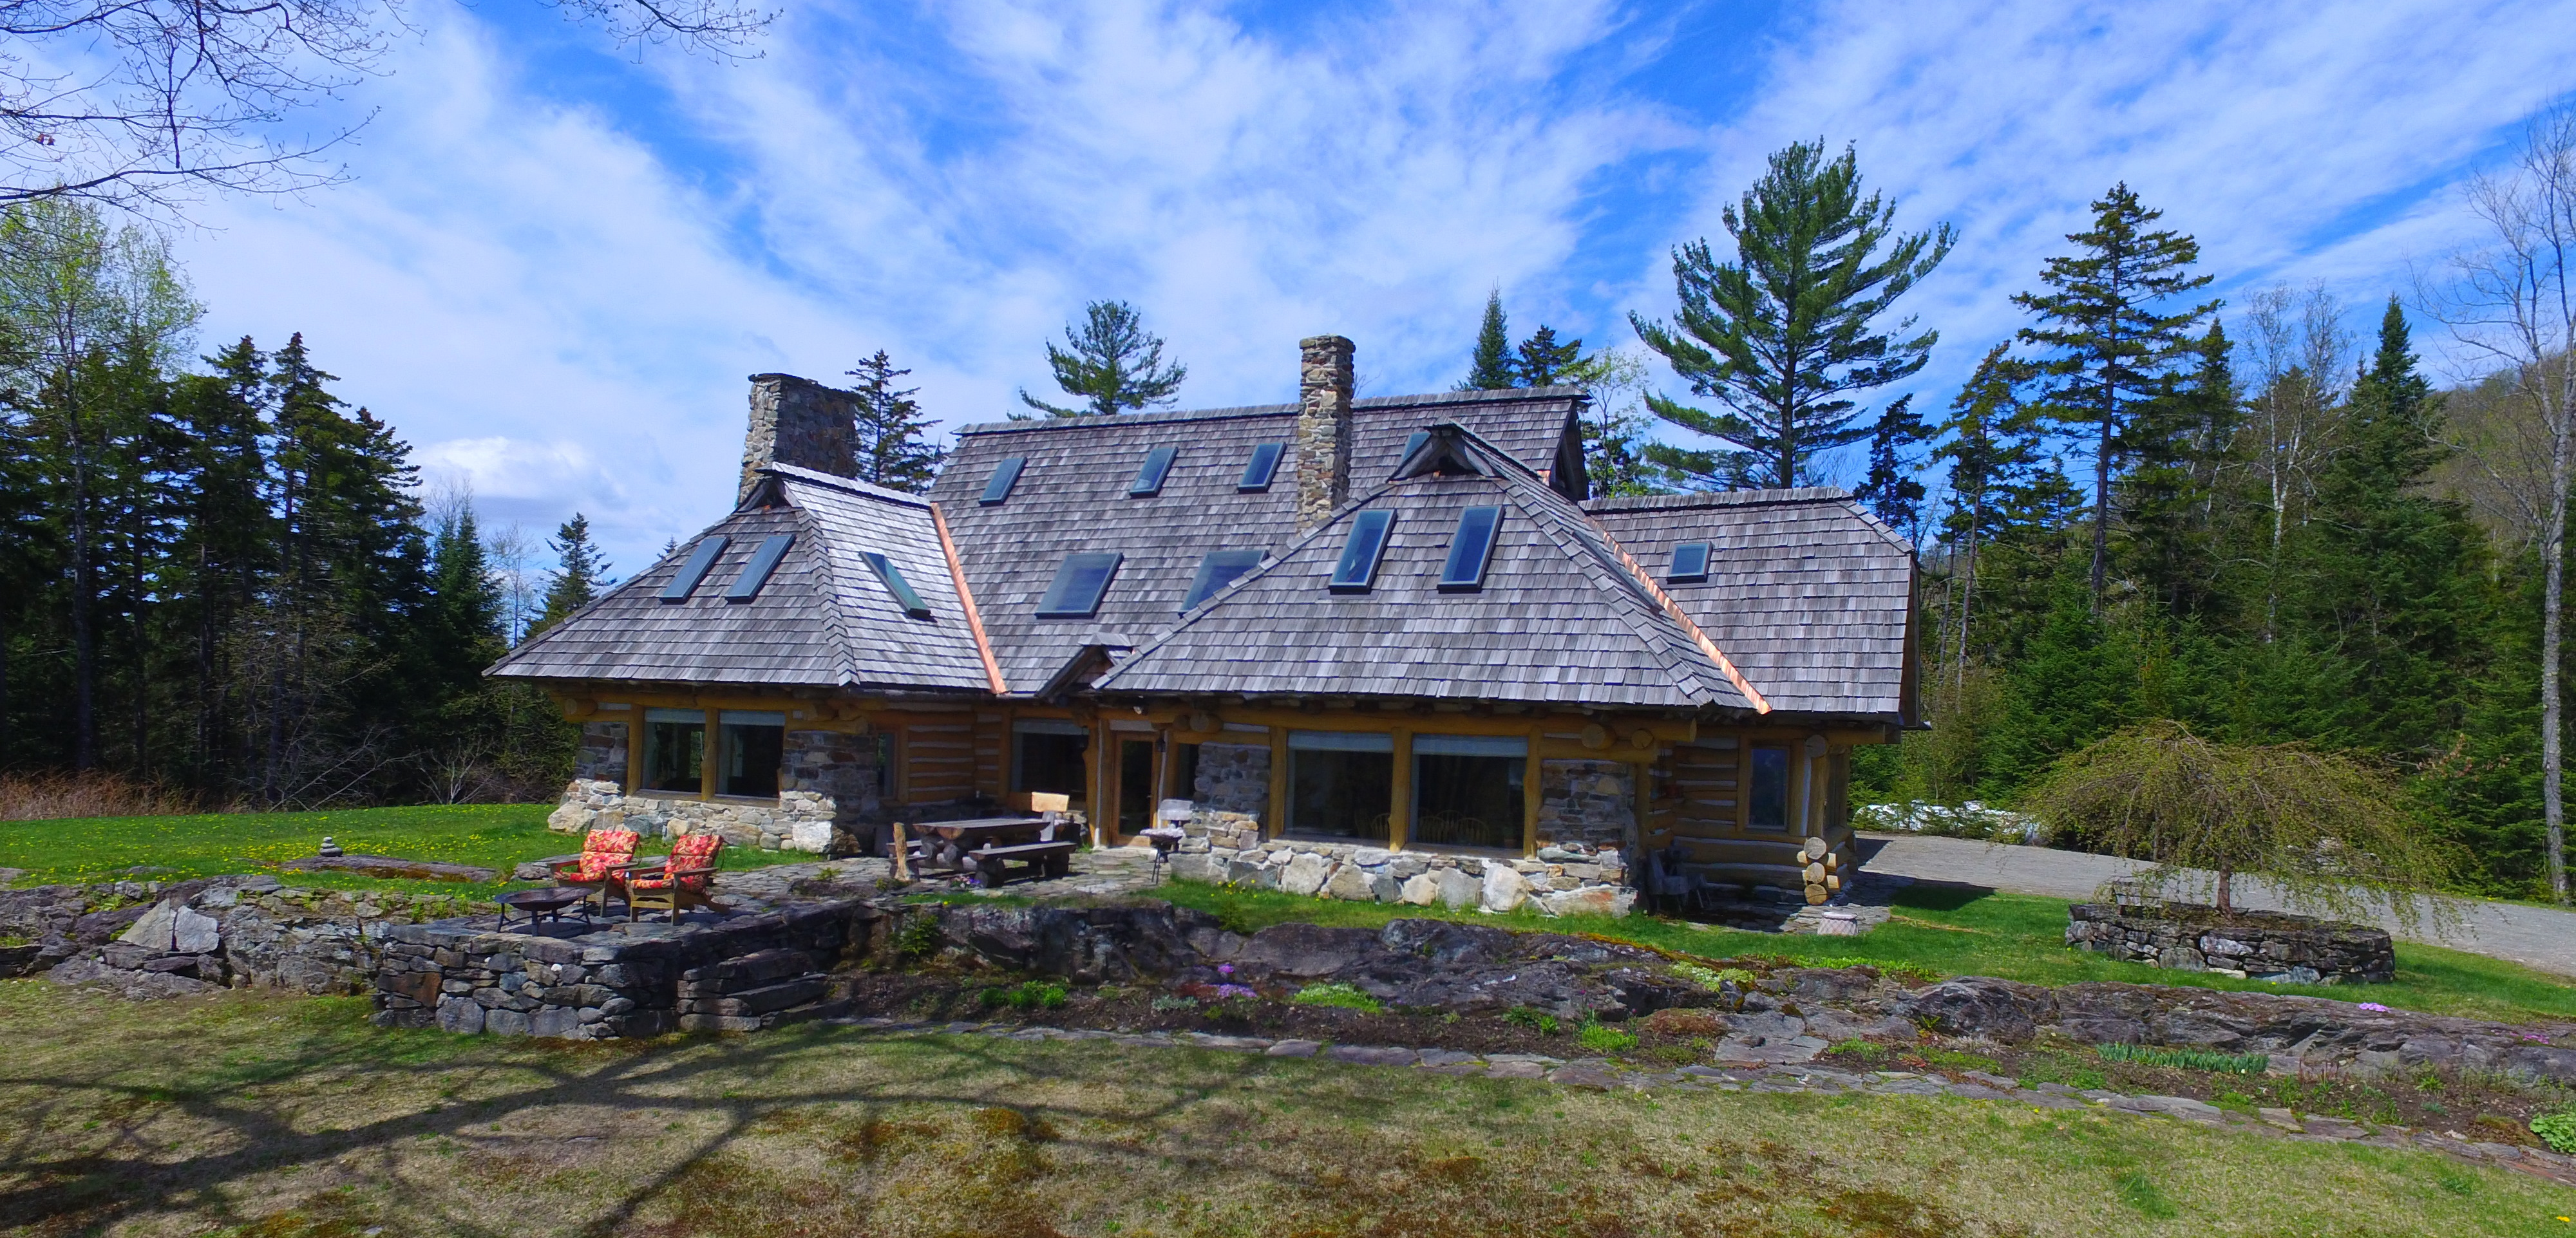 단독 가정 주택 용 매매 에 Spectacular Mountain Top Home 1285 Manns Hill Rd Littleton, 뉴햄프셔, 03561 미국